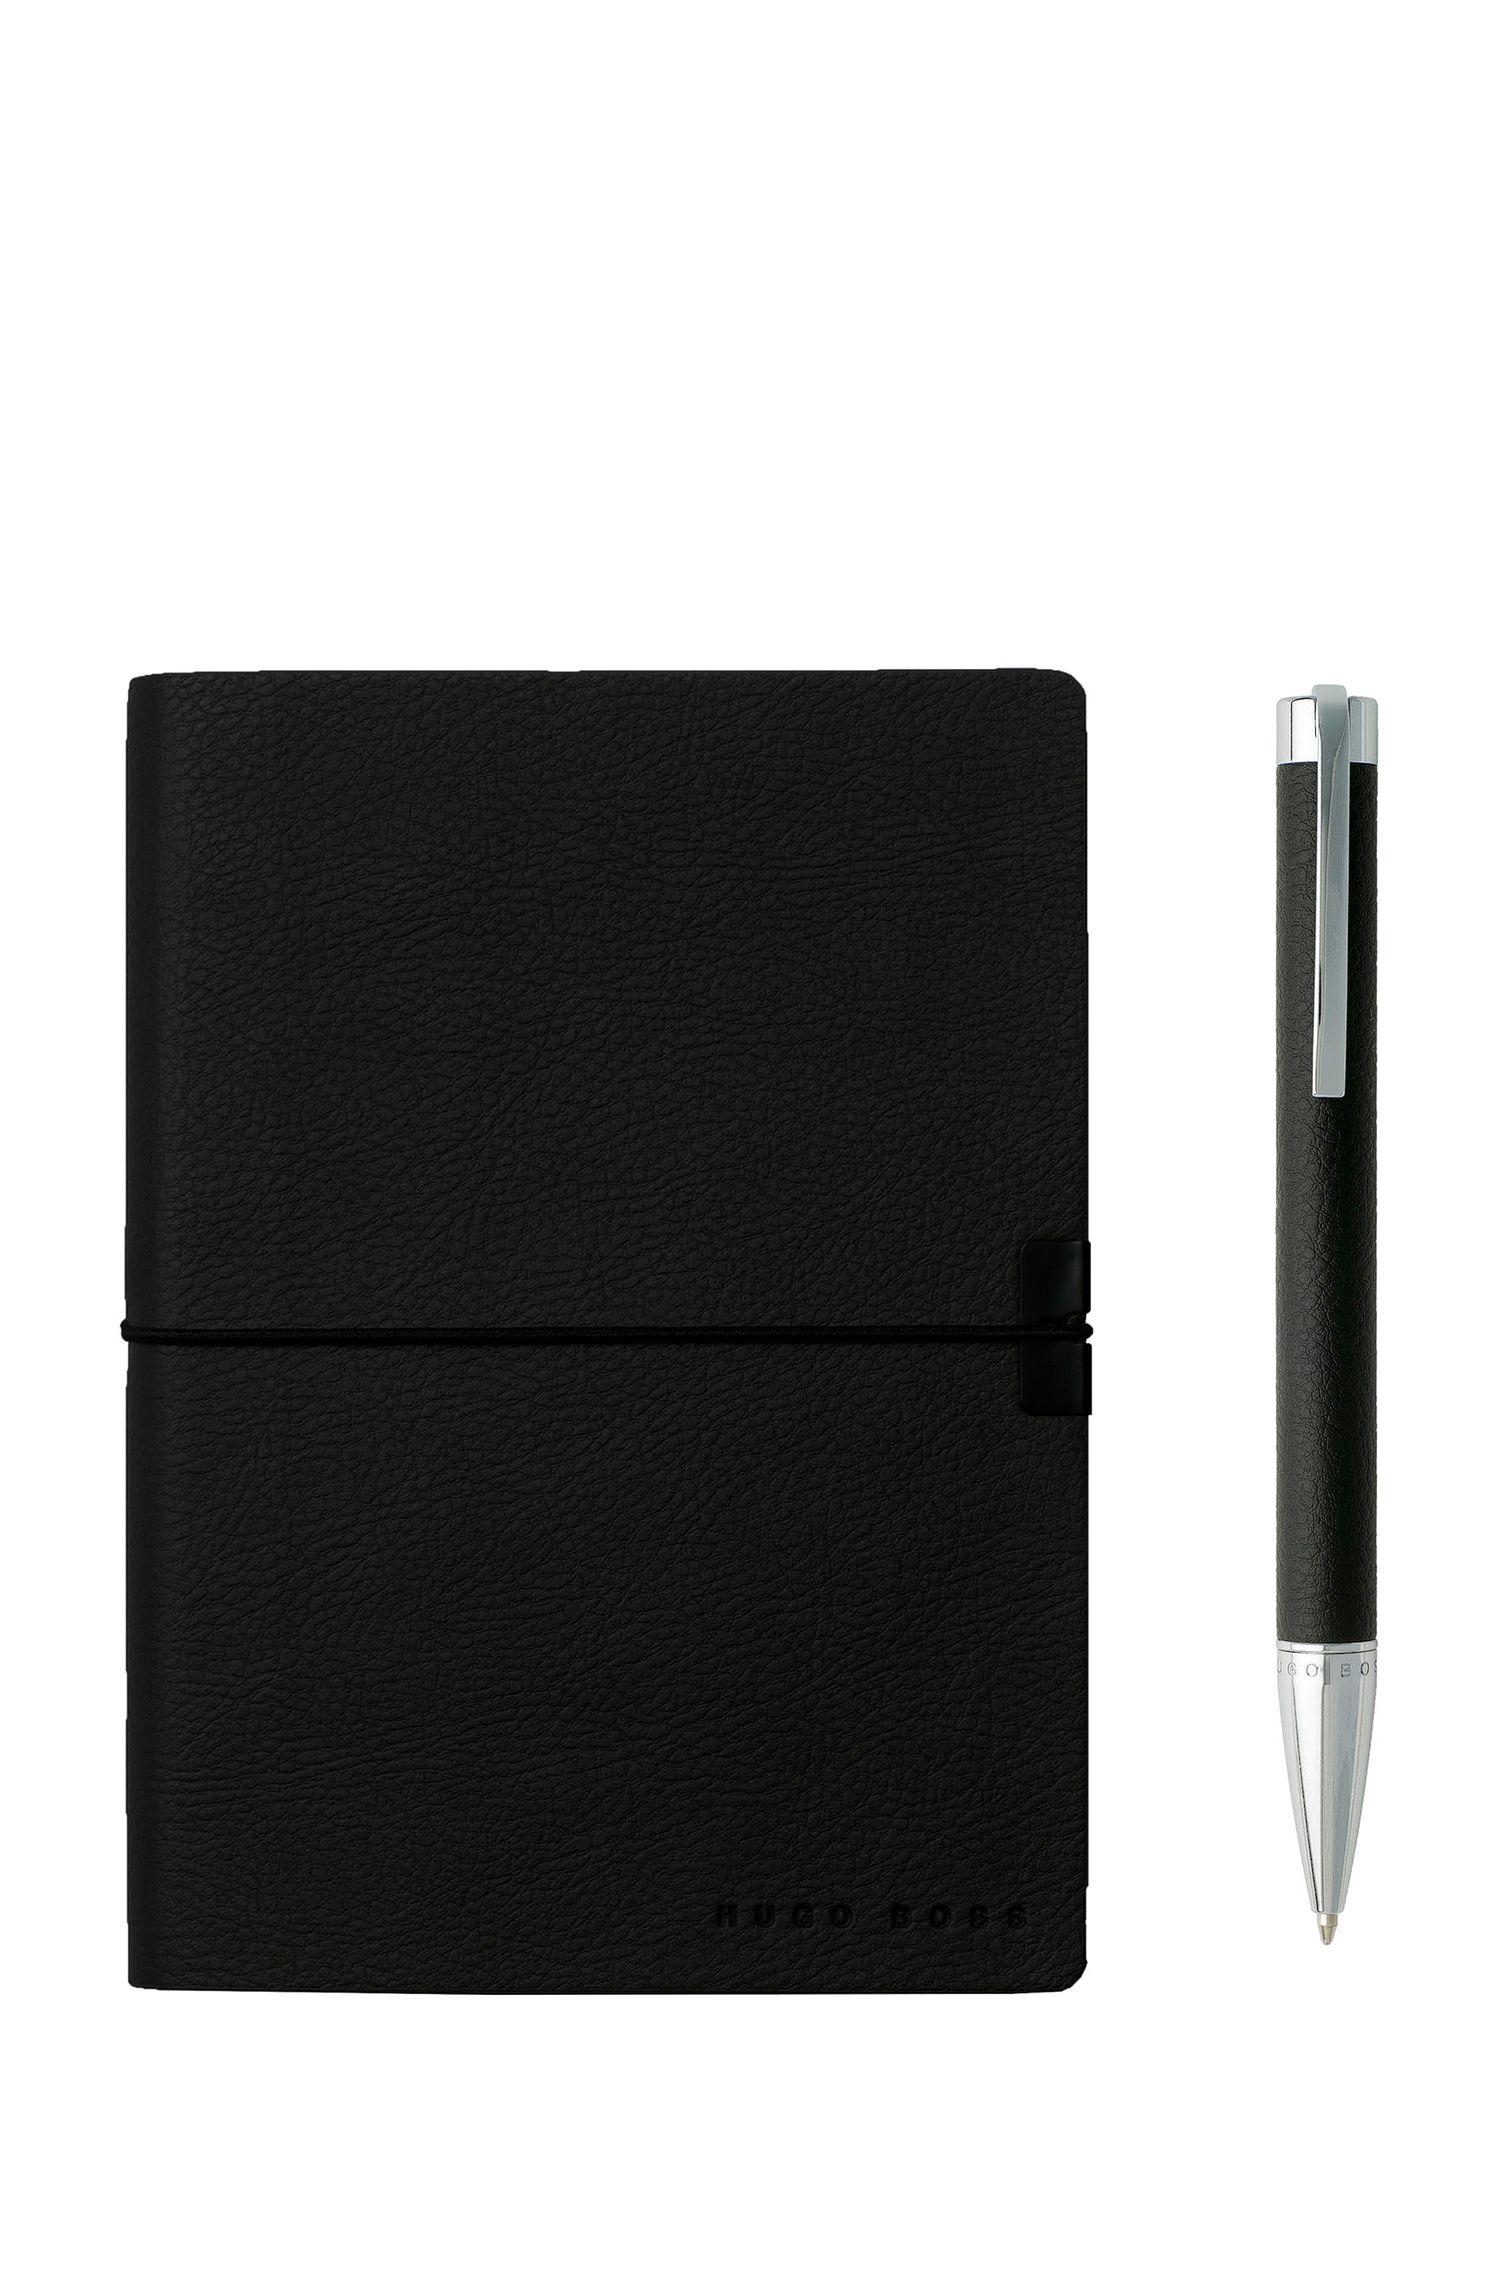 Geschenk-Set mit DIN-A6-Notizbuch und Kugelschreiber aus Messing mitKunstleder-Bezug